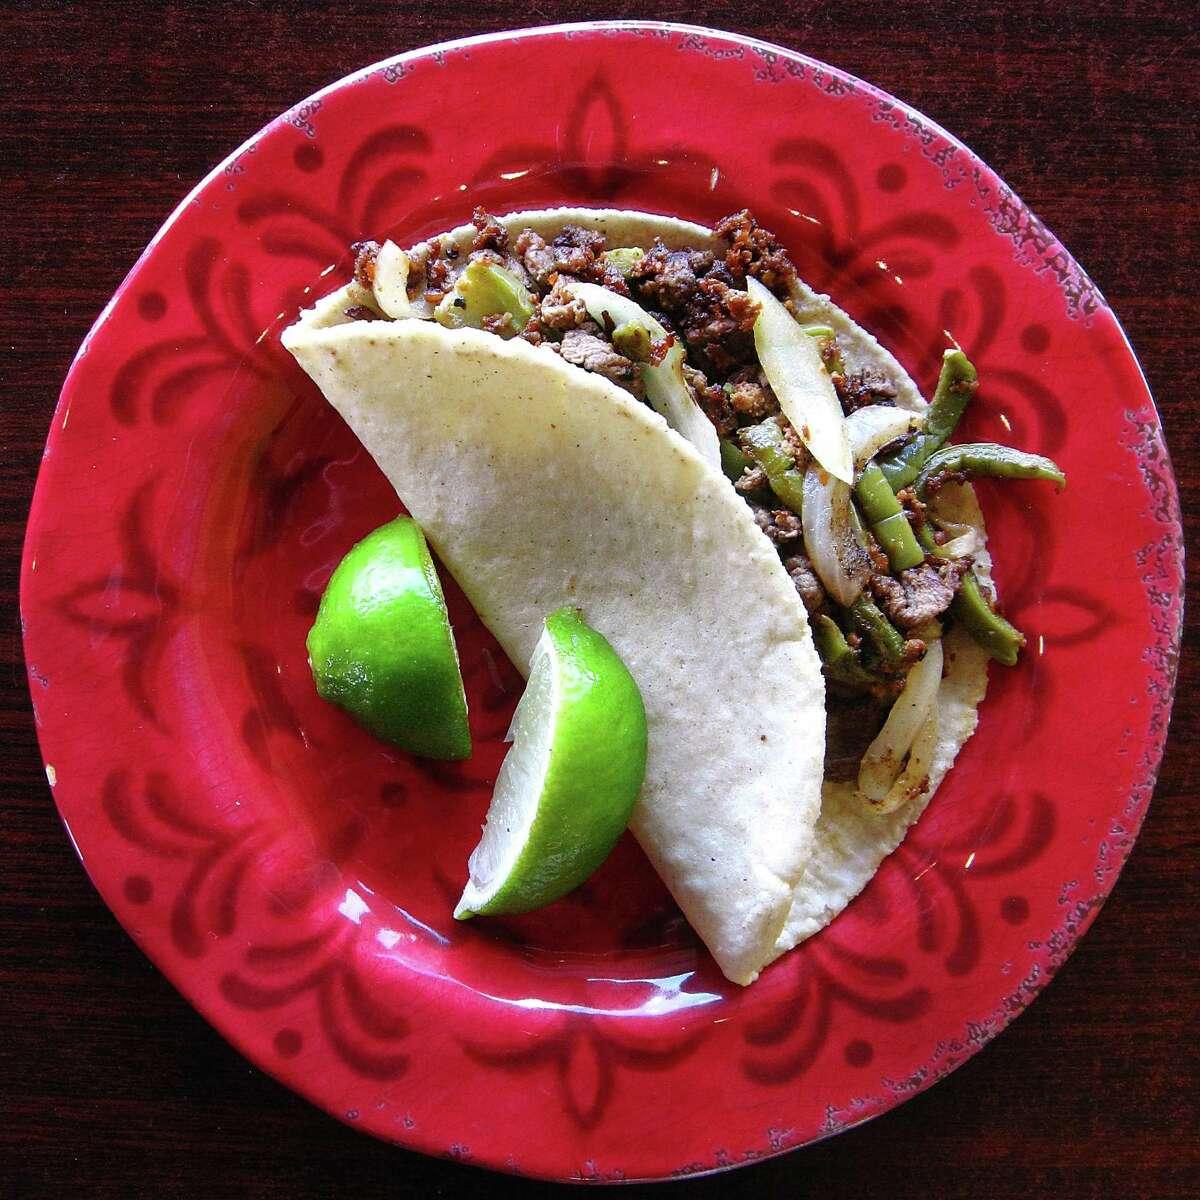 Las Sabrosas de Guanajuato. 6825 San Pedro Ave., 210-785-9211, Facebook: Las Sabrosas de Guanajuato